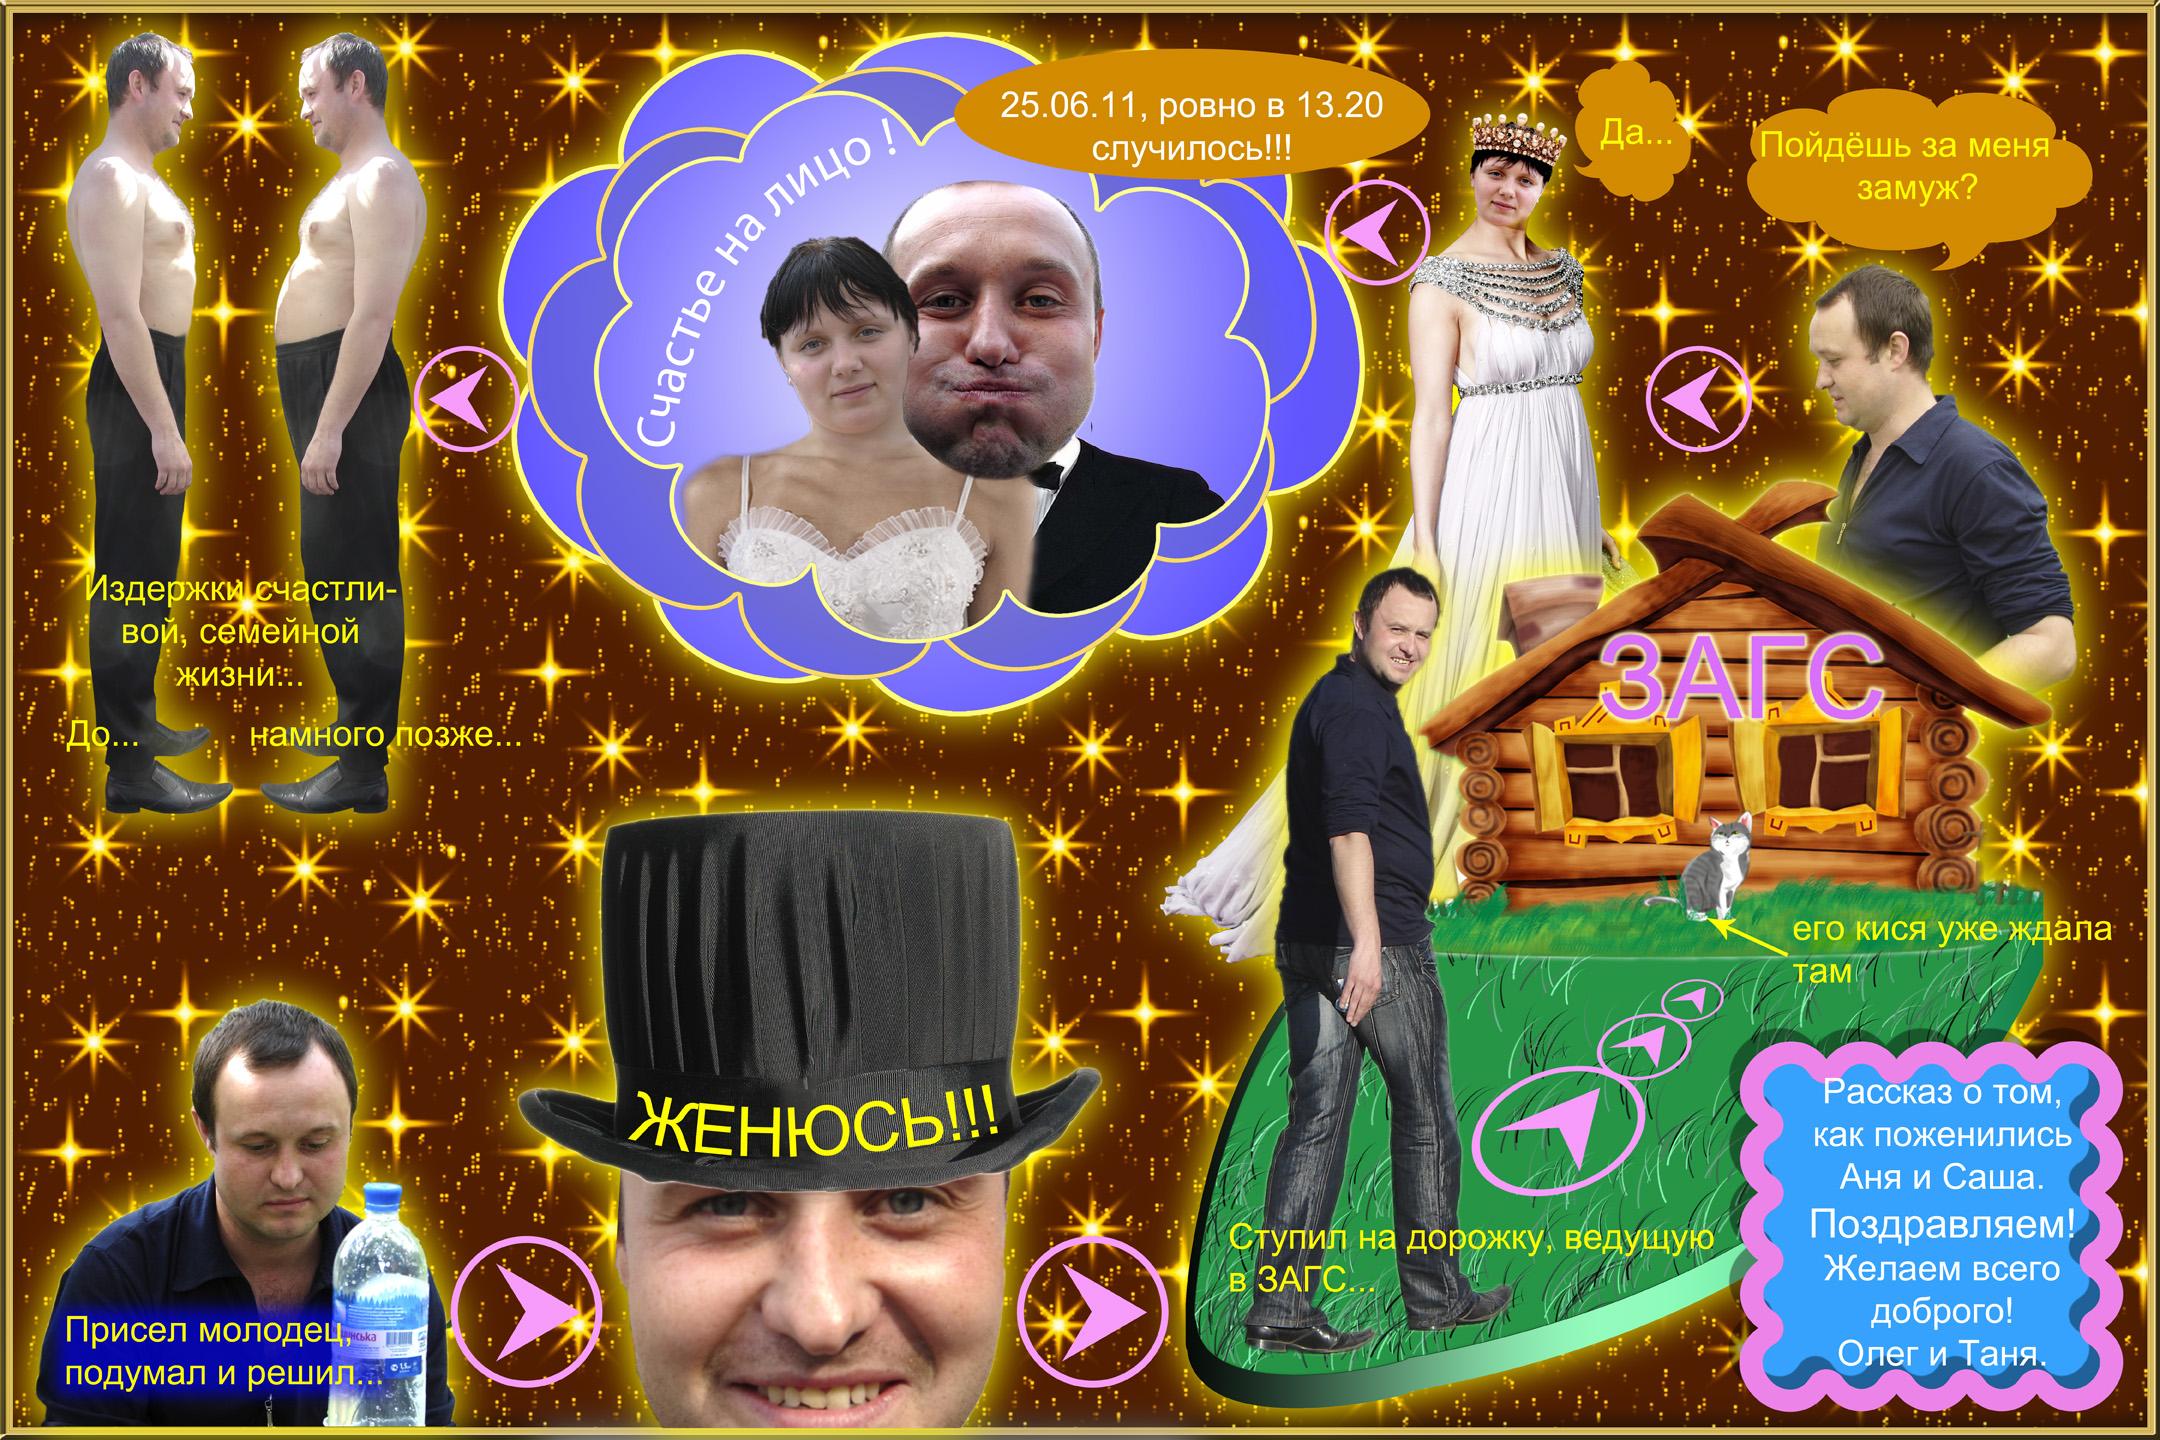 Коллаж к свадьбе